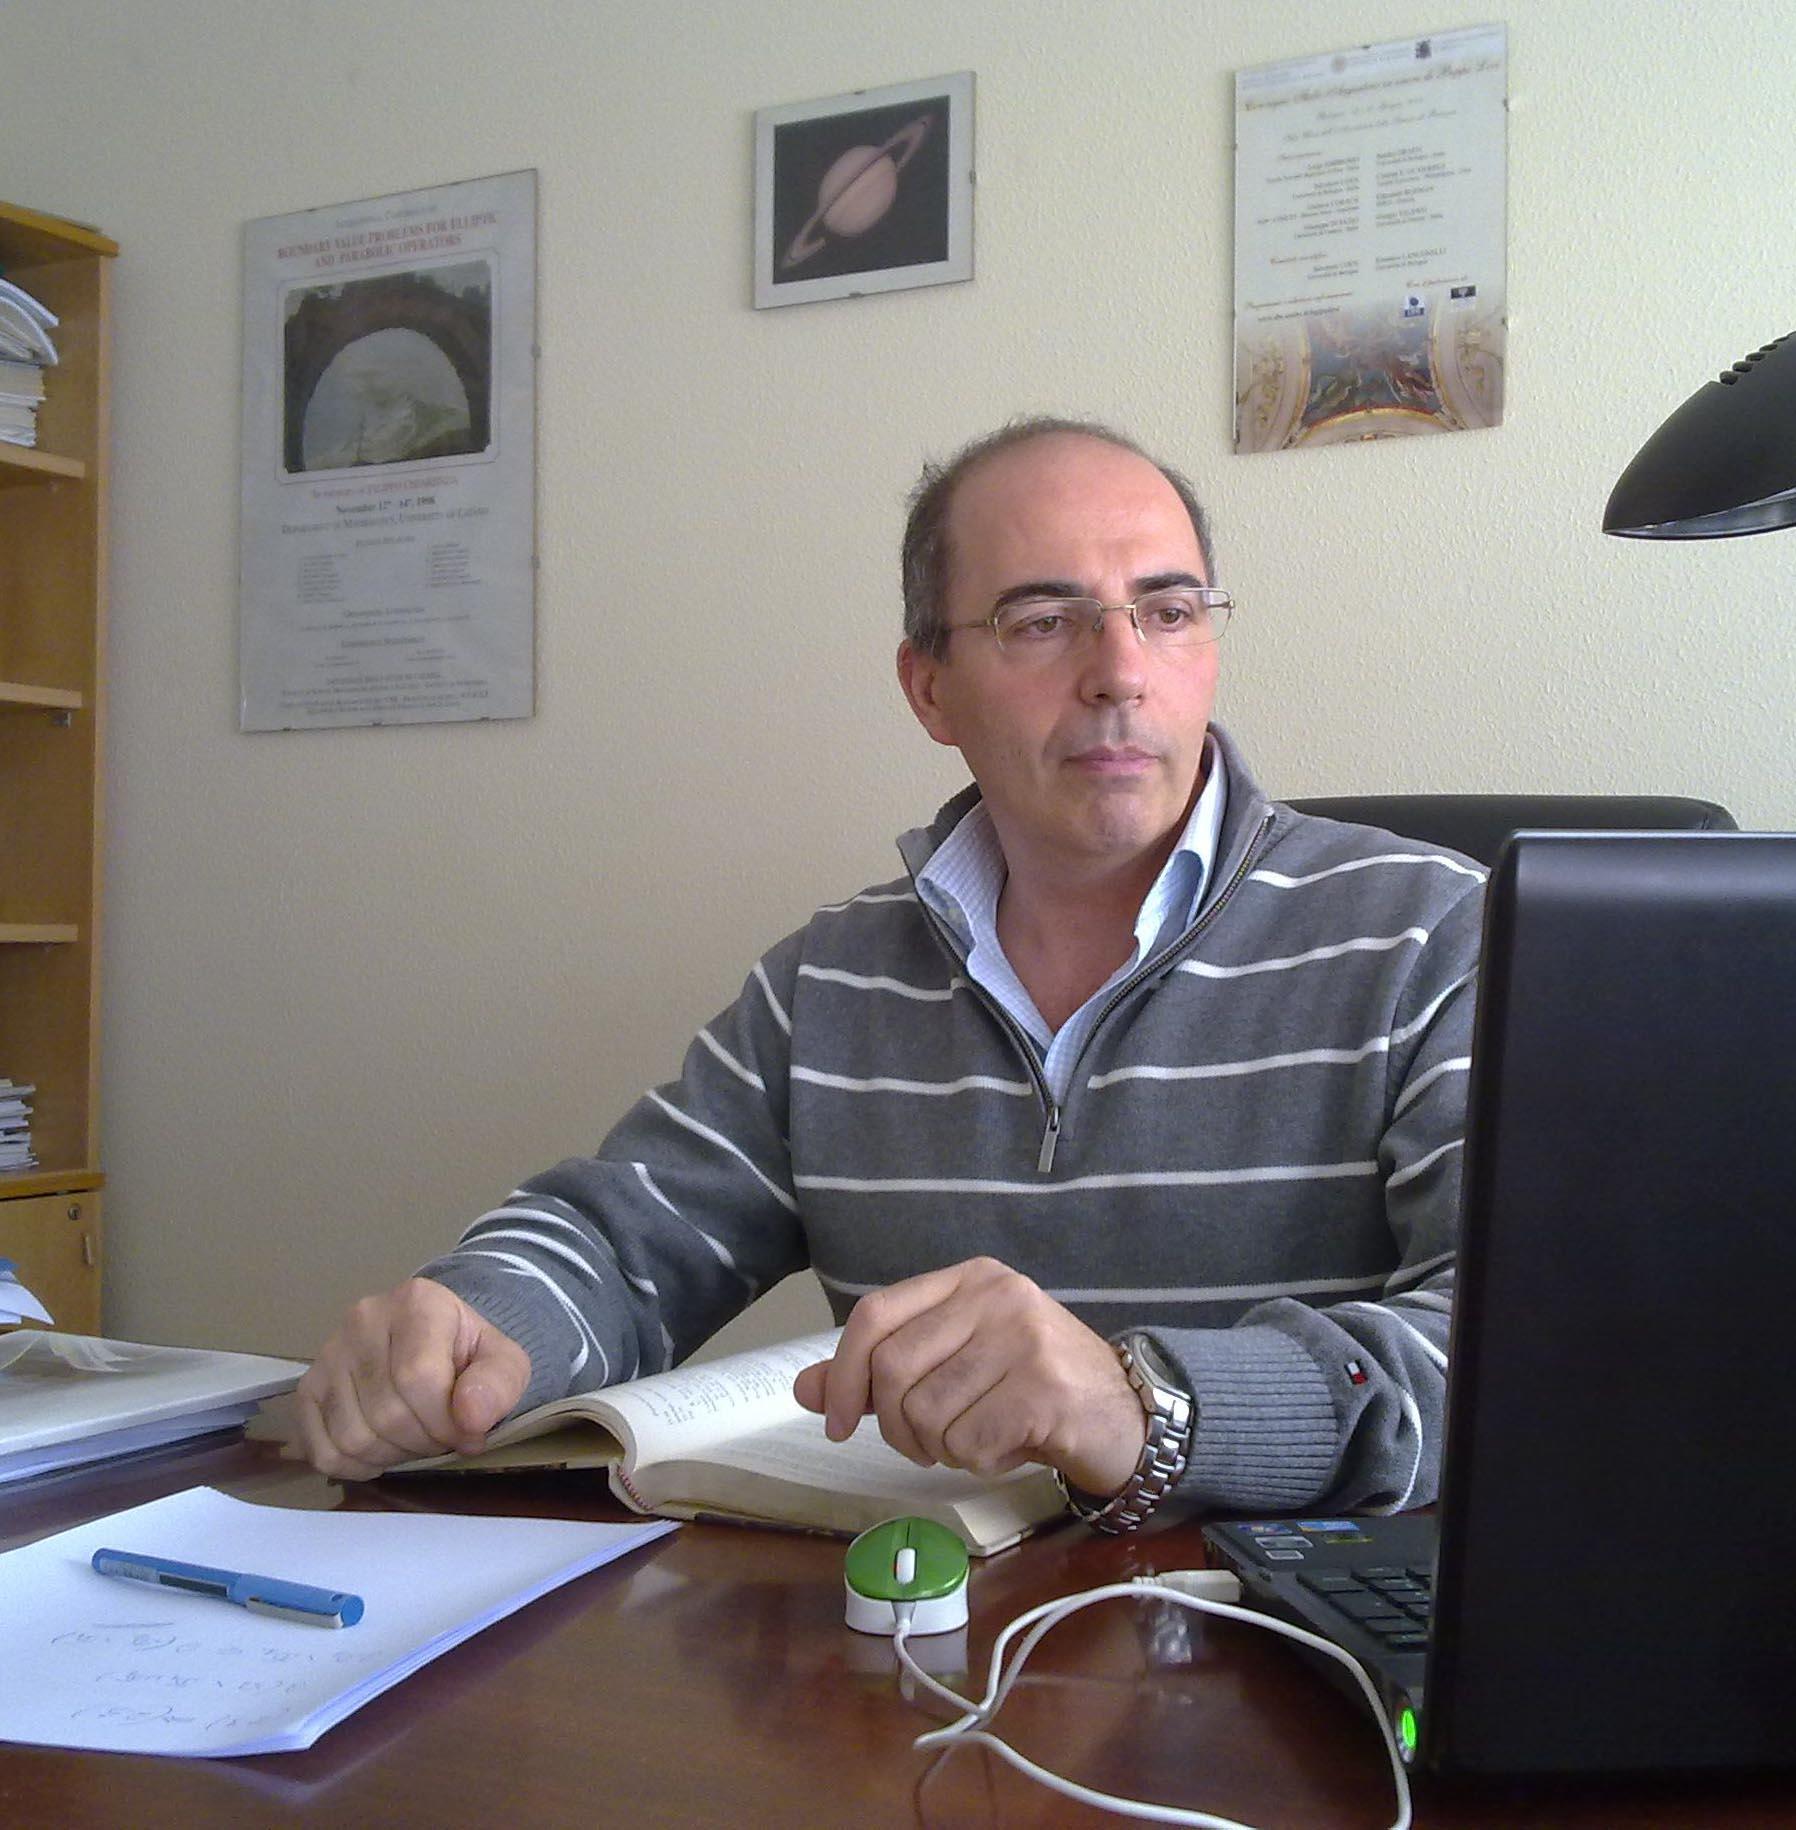 Dr. Giuseppe Di Fazio, Professor